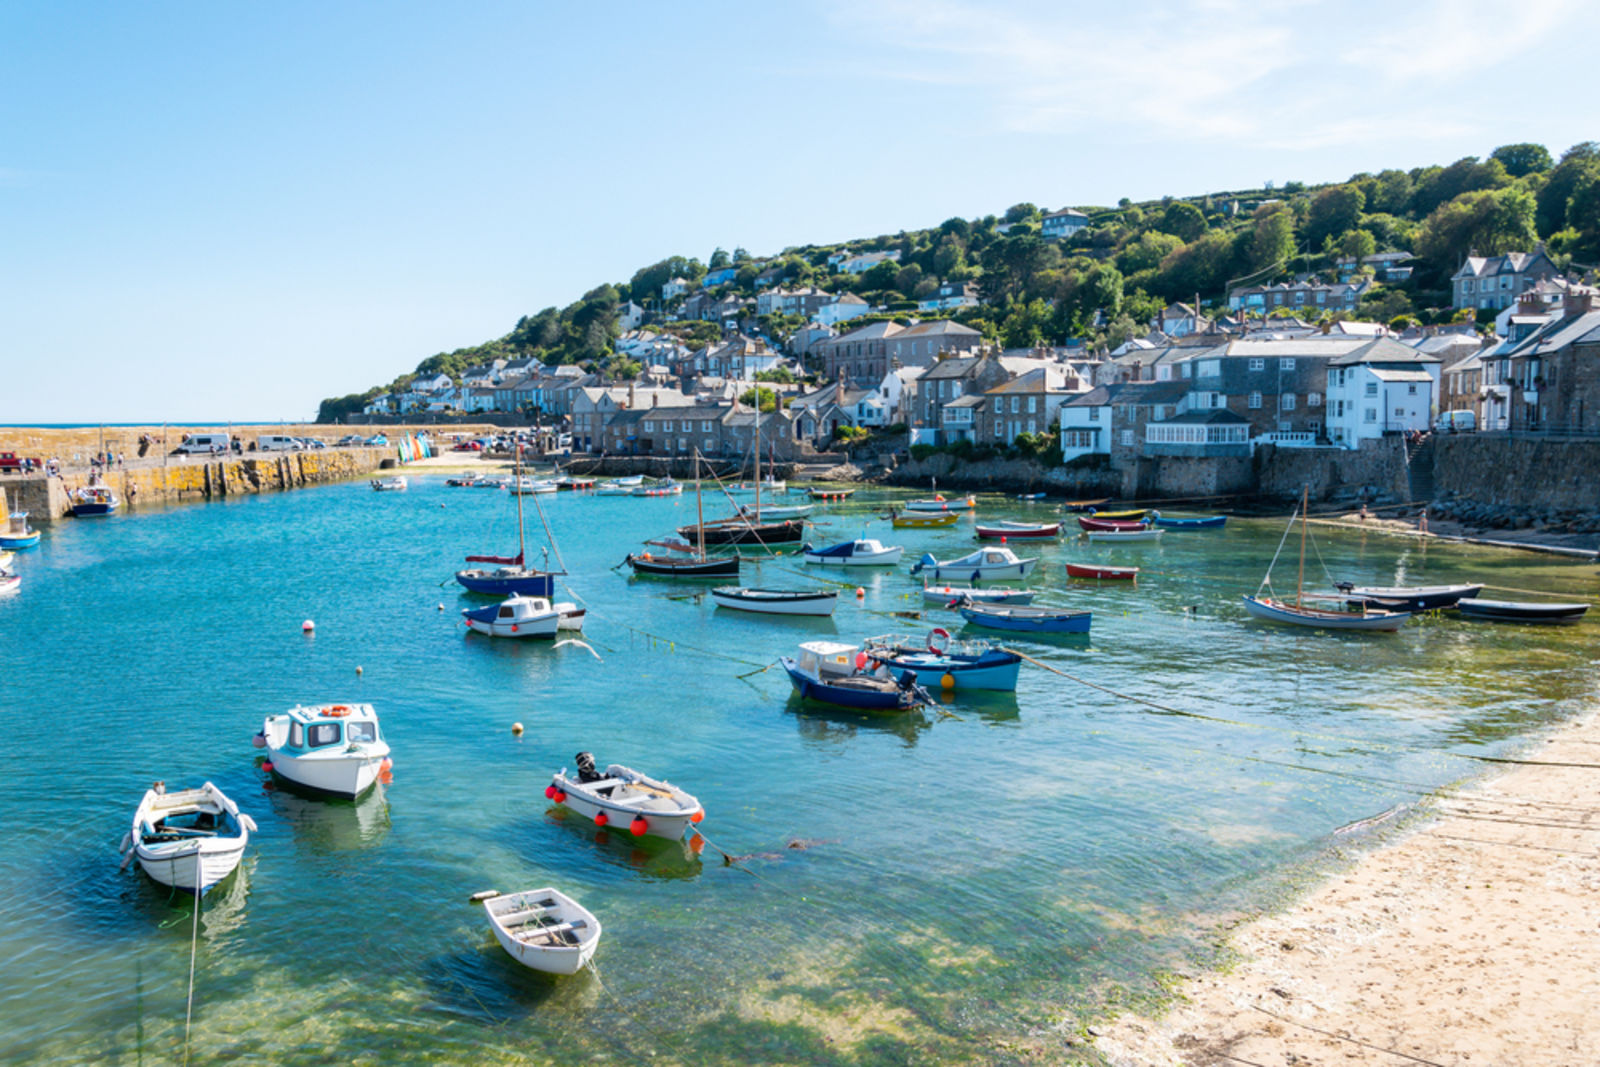 boats, Cornish, Cornwall